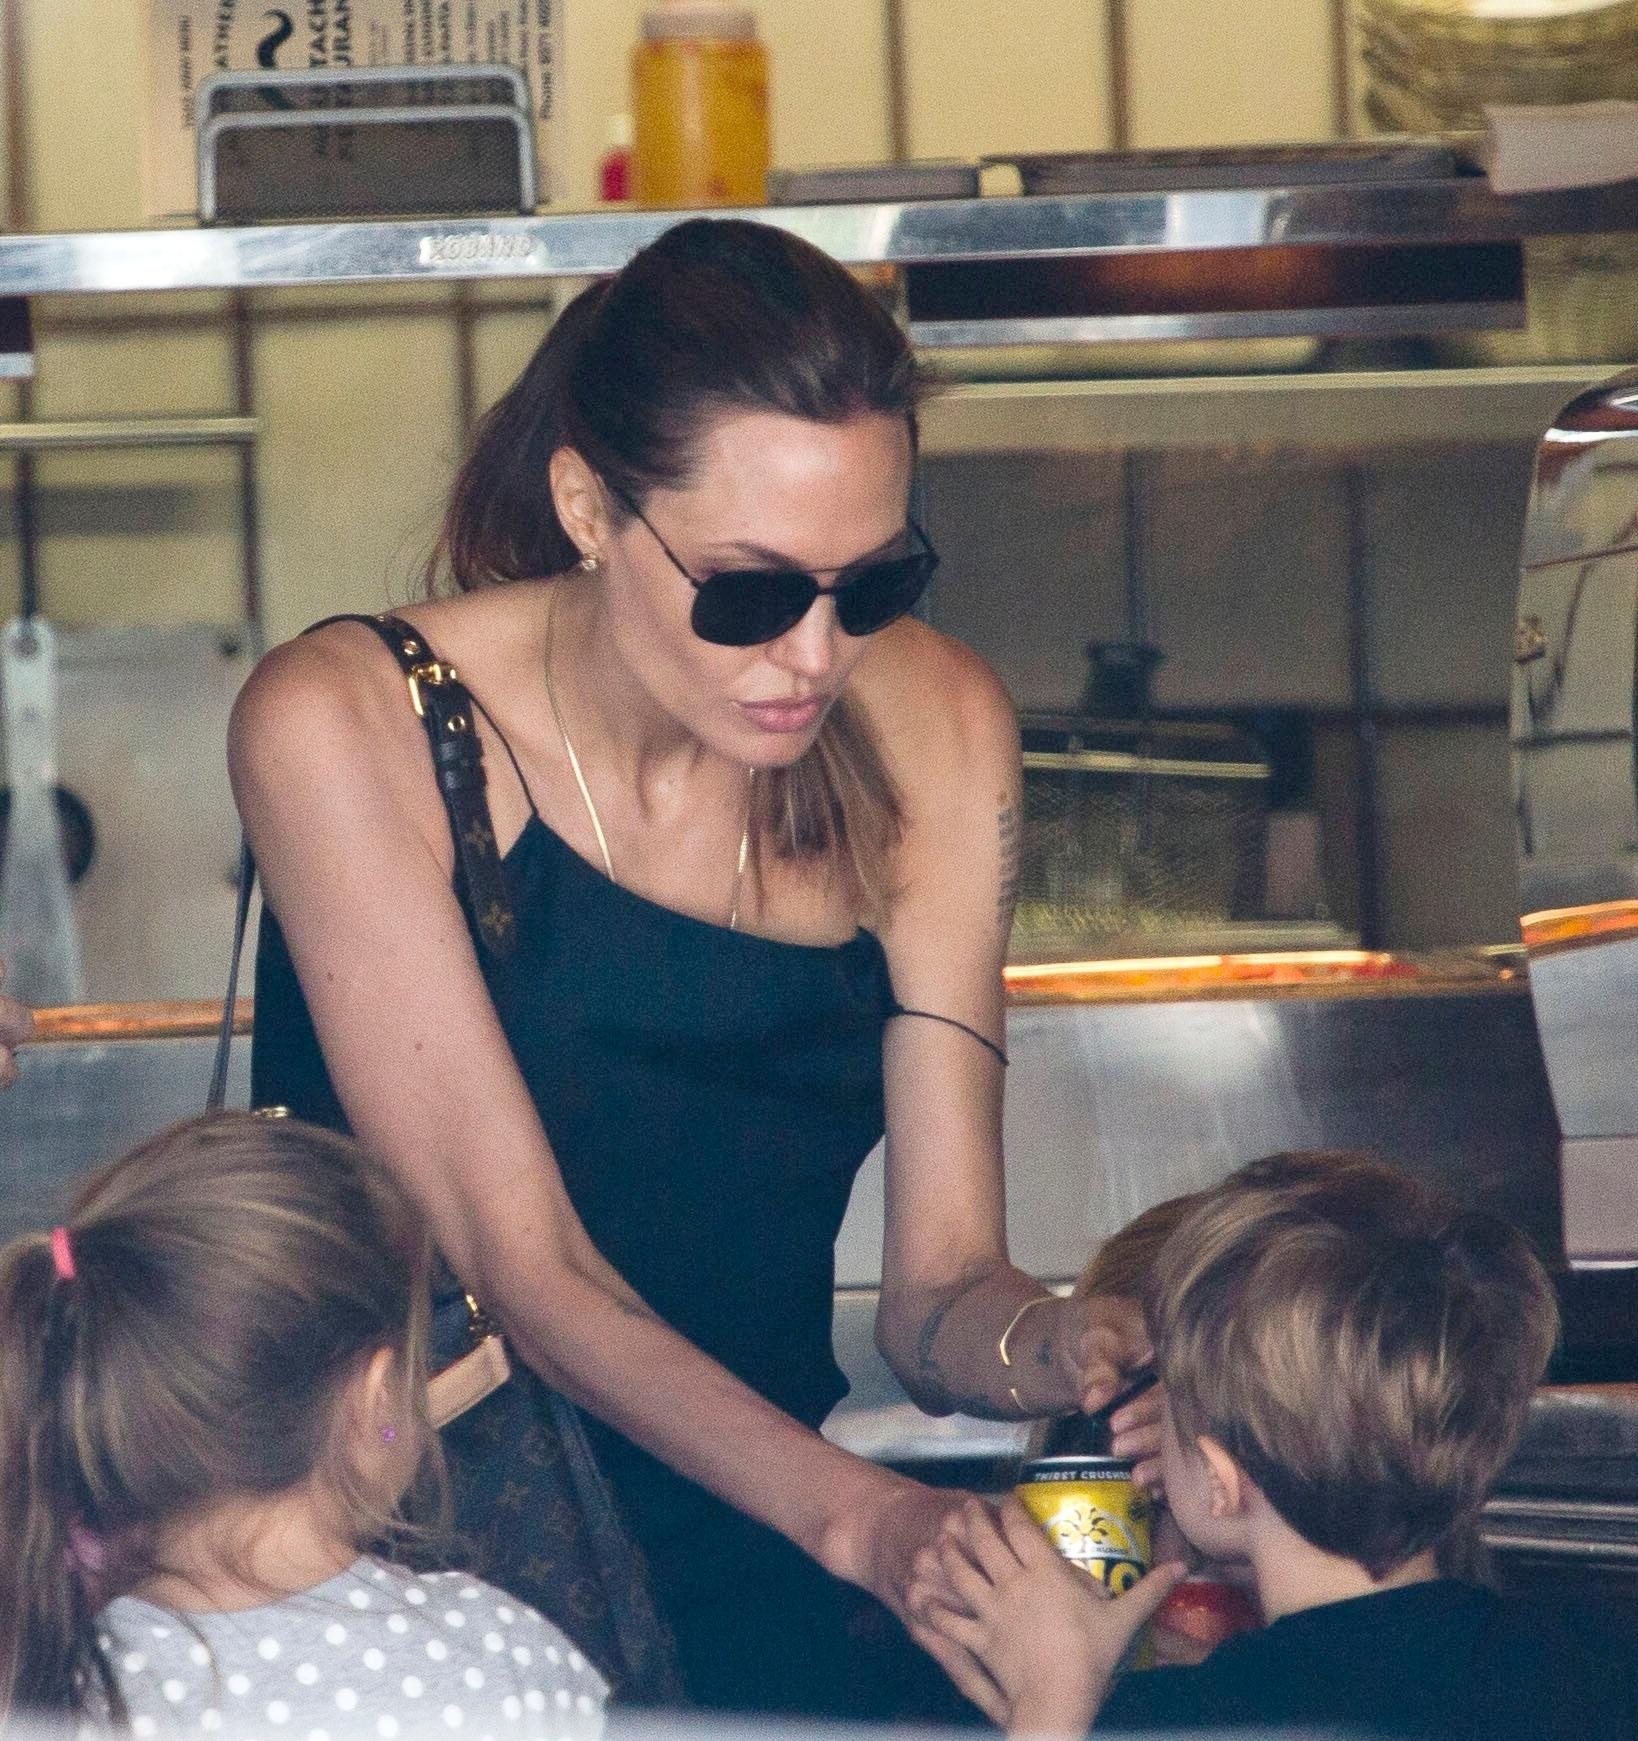 25.nov.2013 - Angelina Jolie almoça com os filhos Vivienne e Knox e amigos em restaurante em Rose Bay, Sydney